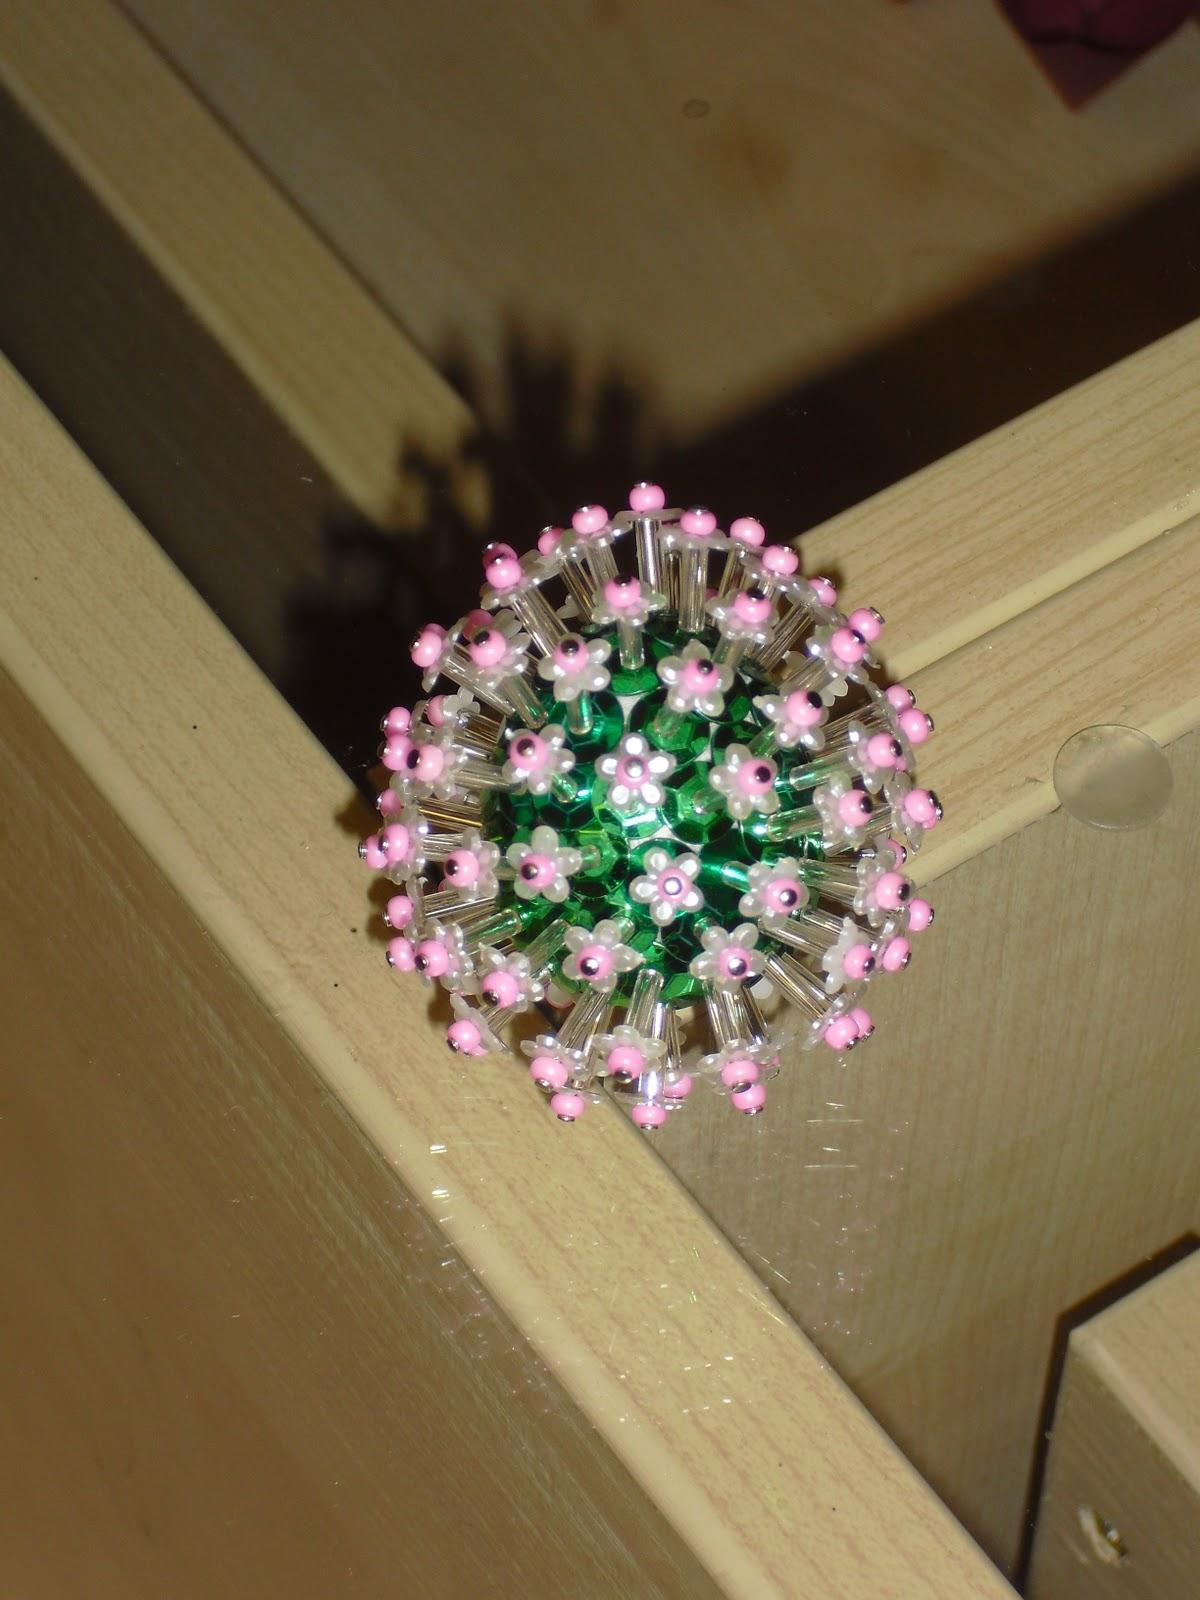 Coni creativ pailletten kugeln und eier mal anders - Styroporkugeln mit pailletten ...